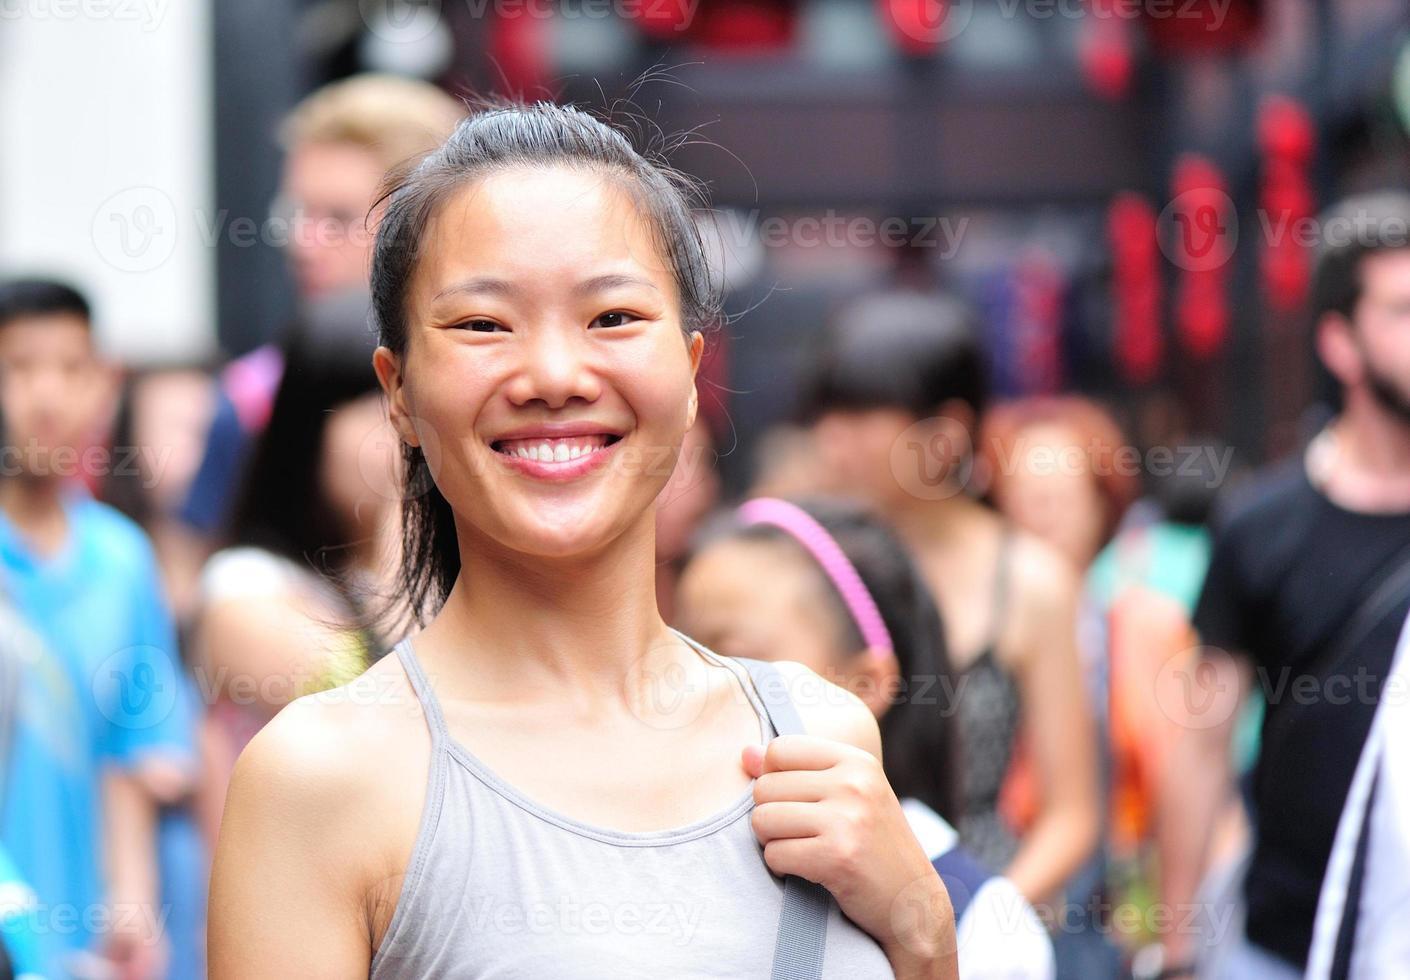 Frau Trouristin in der Jinli Straße, Chengdu, China foto